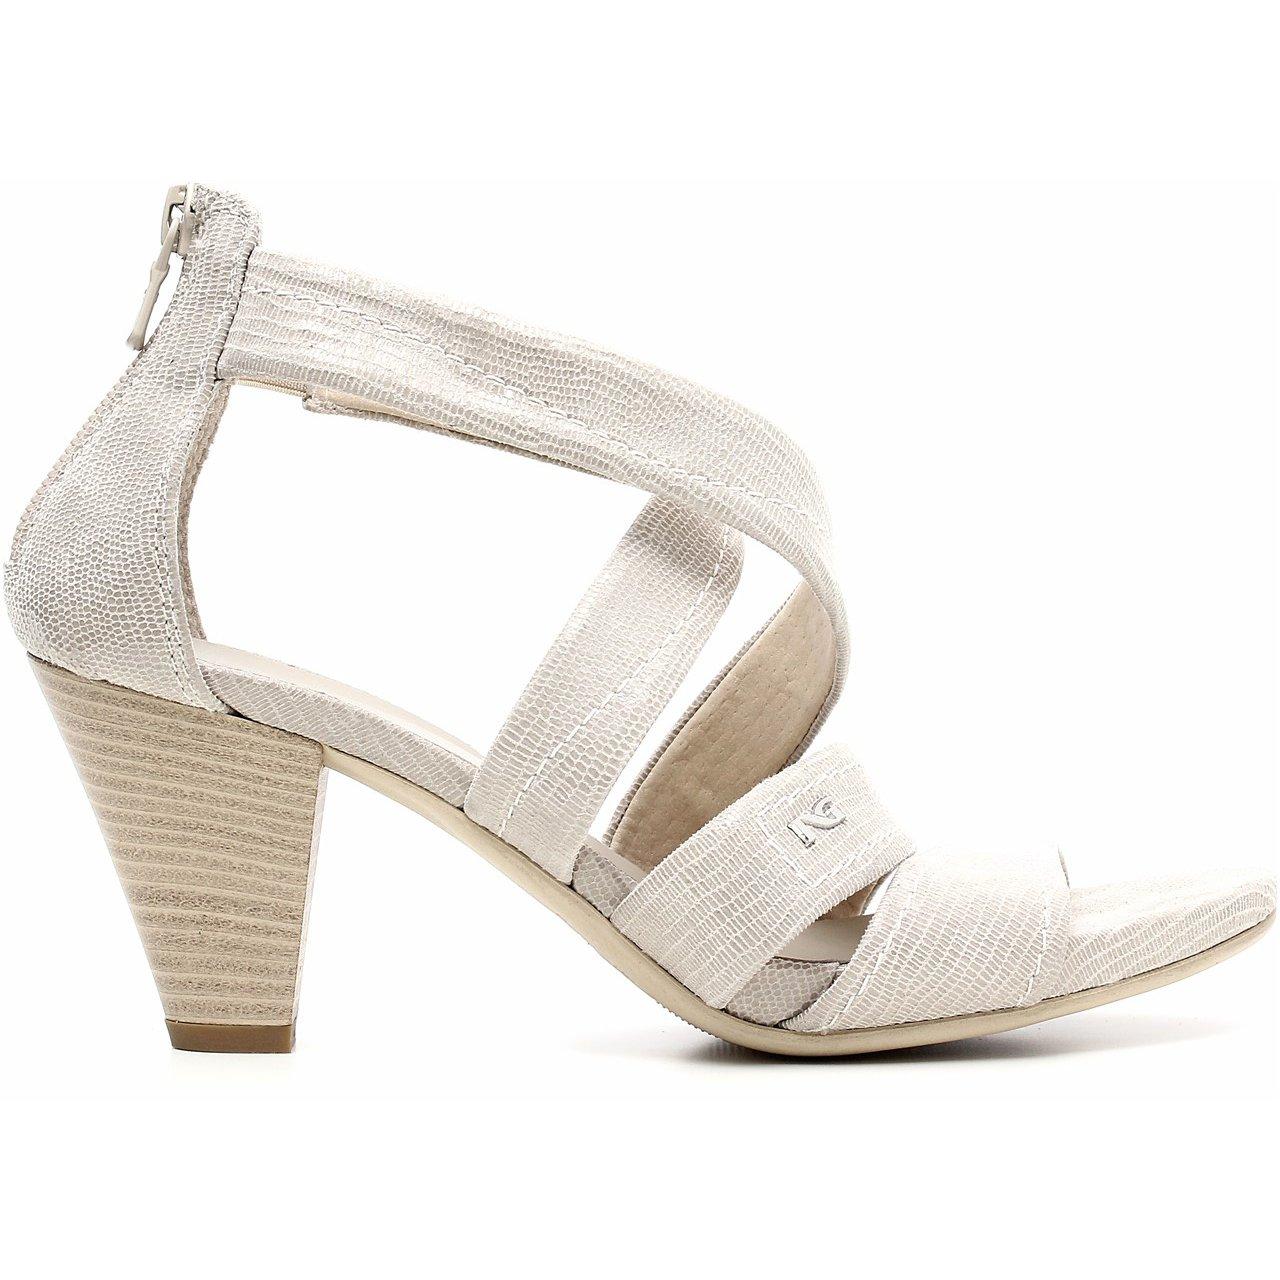 Sandalo donna nuova collezione NeroGiardini P615552D